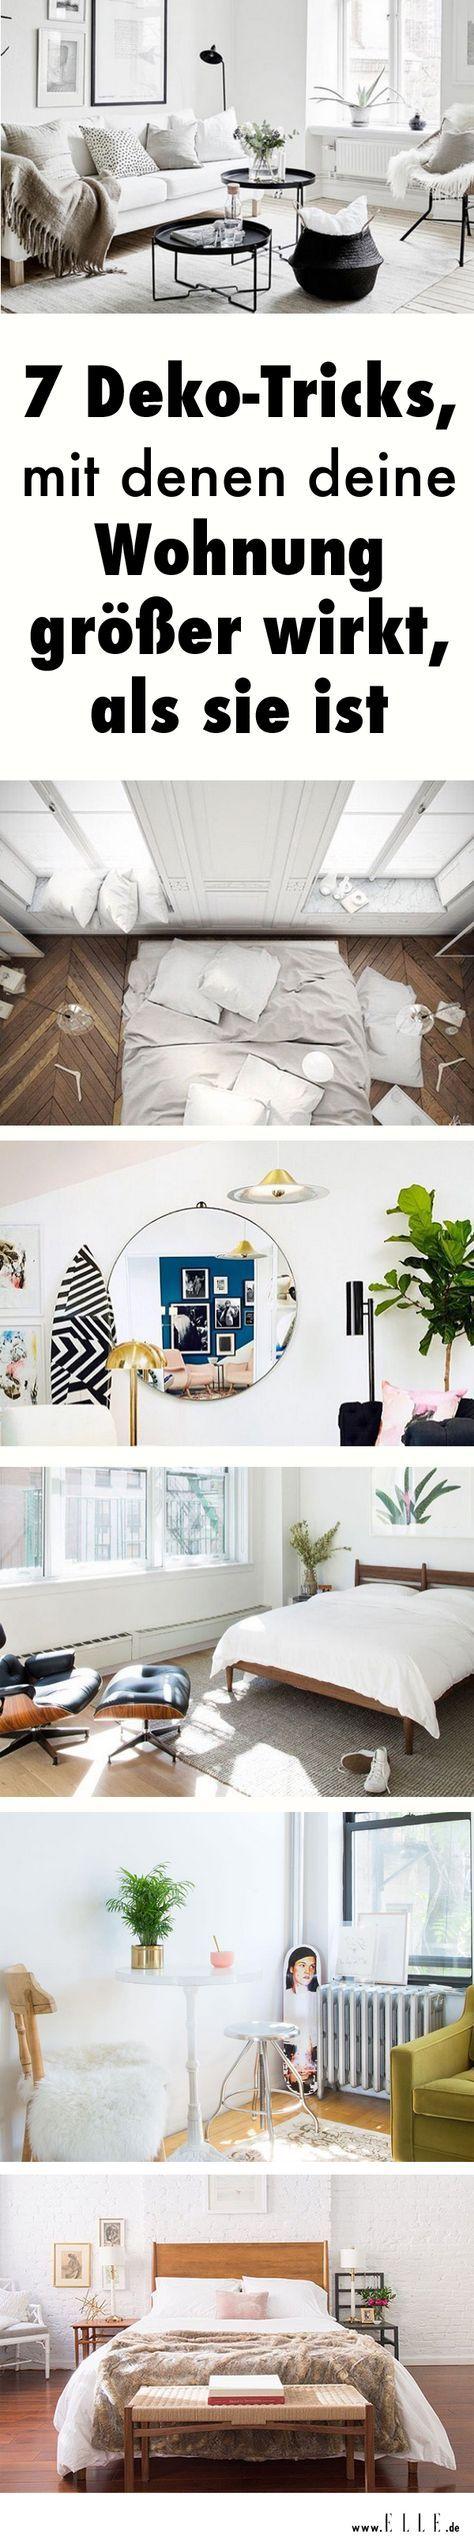 7 Deko-Tricks, mit denen deine Wohnung größer wirkt, als sie ist ...